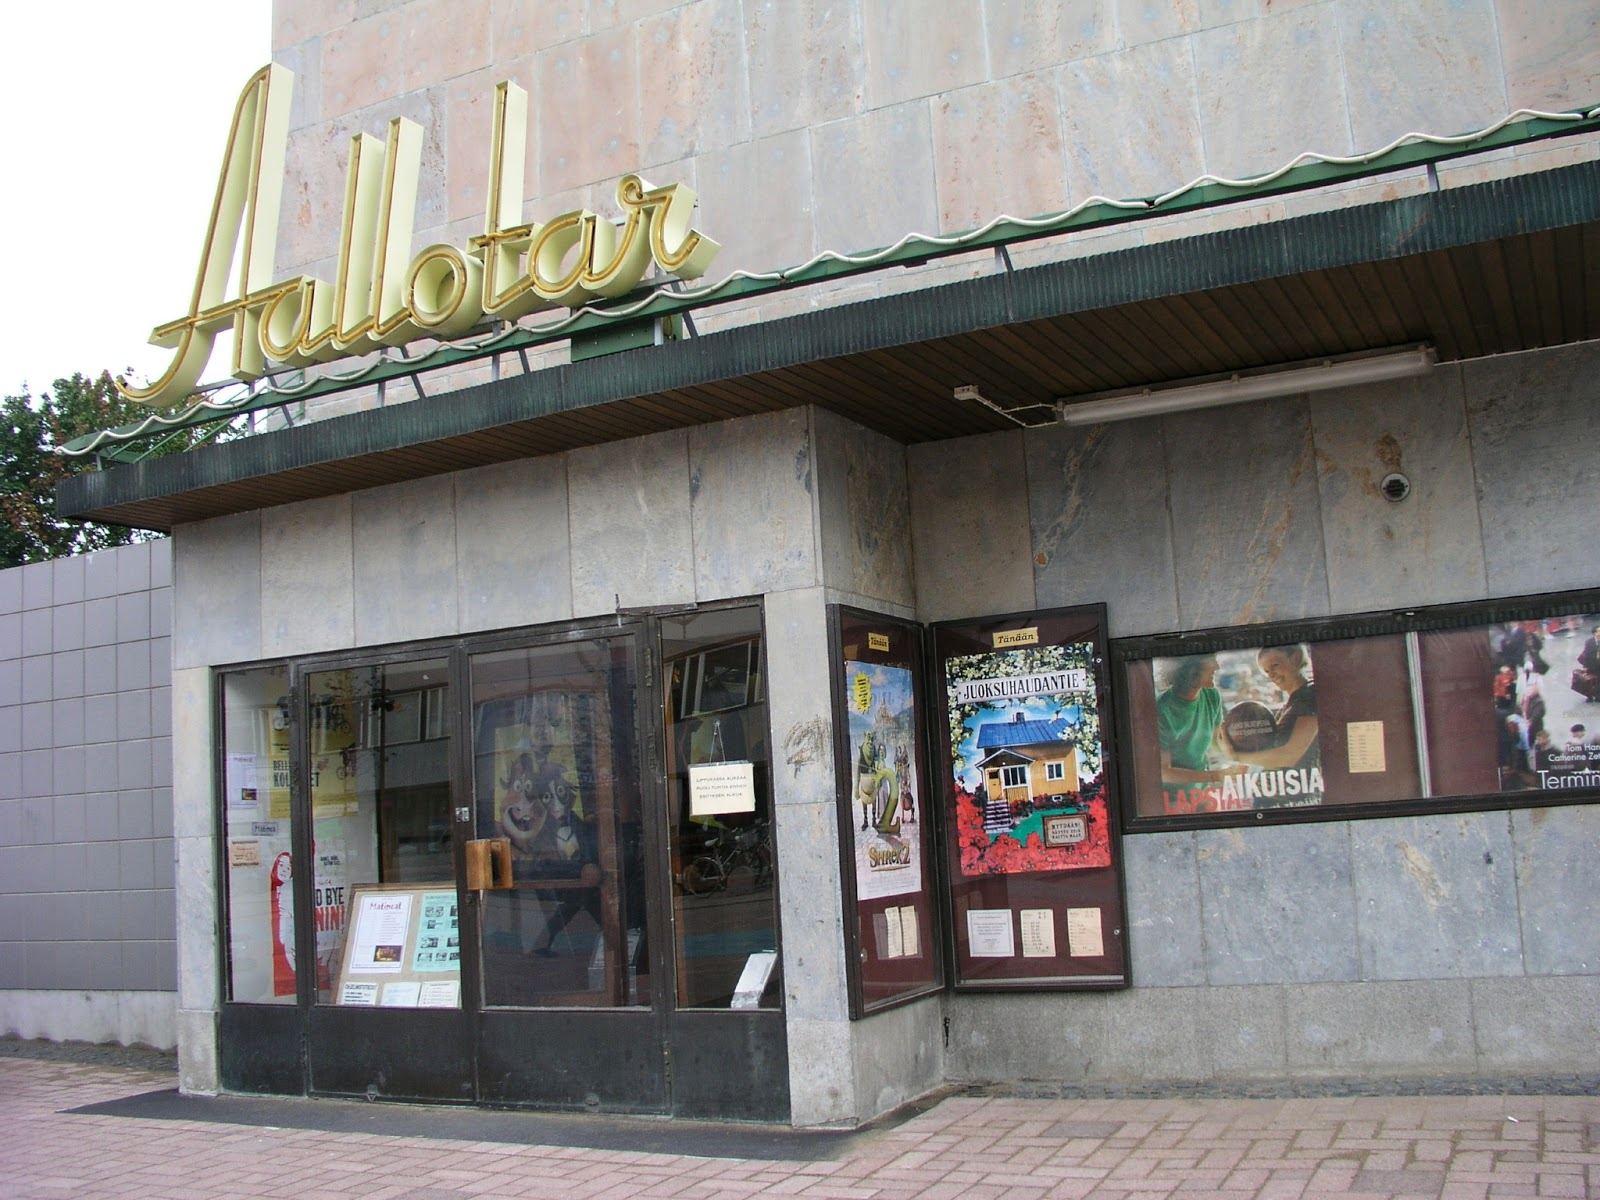 Joensuun Elokuvateatteri